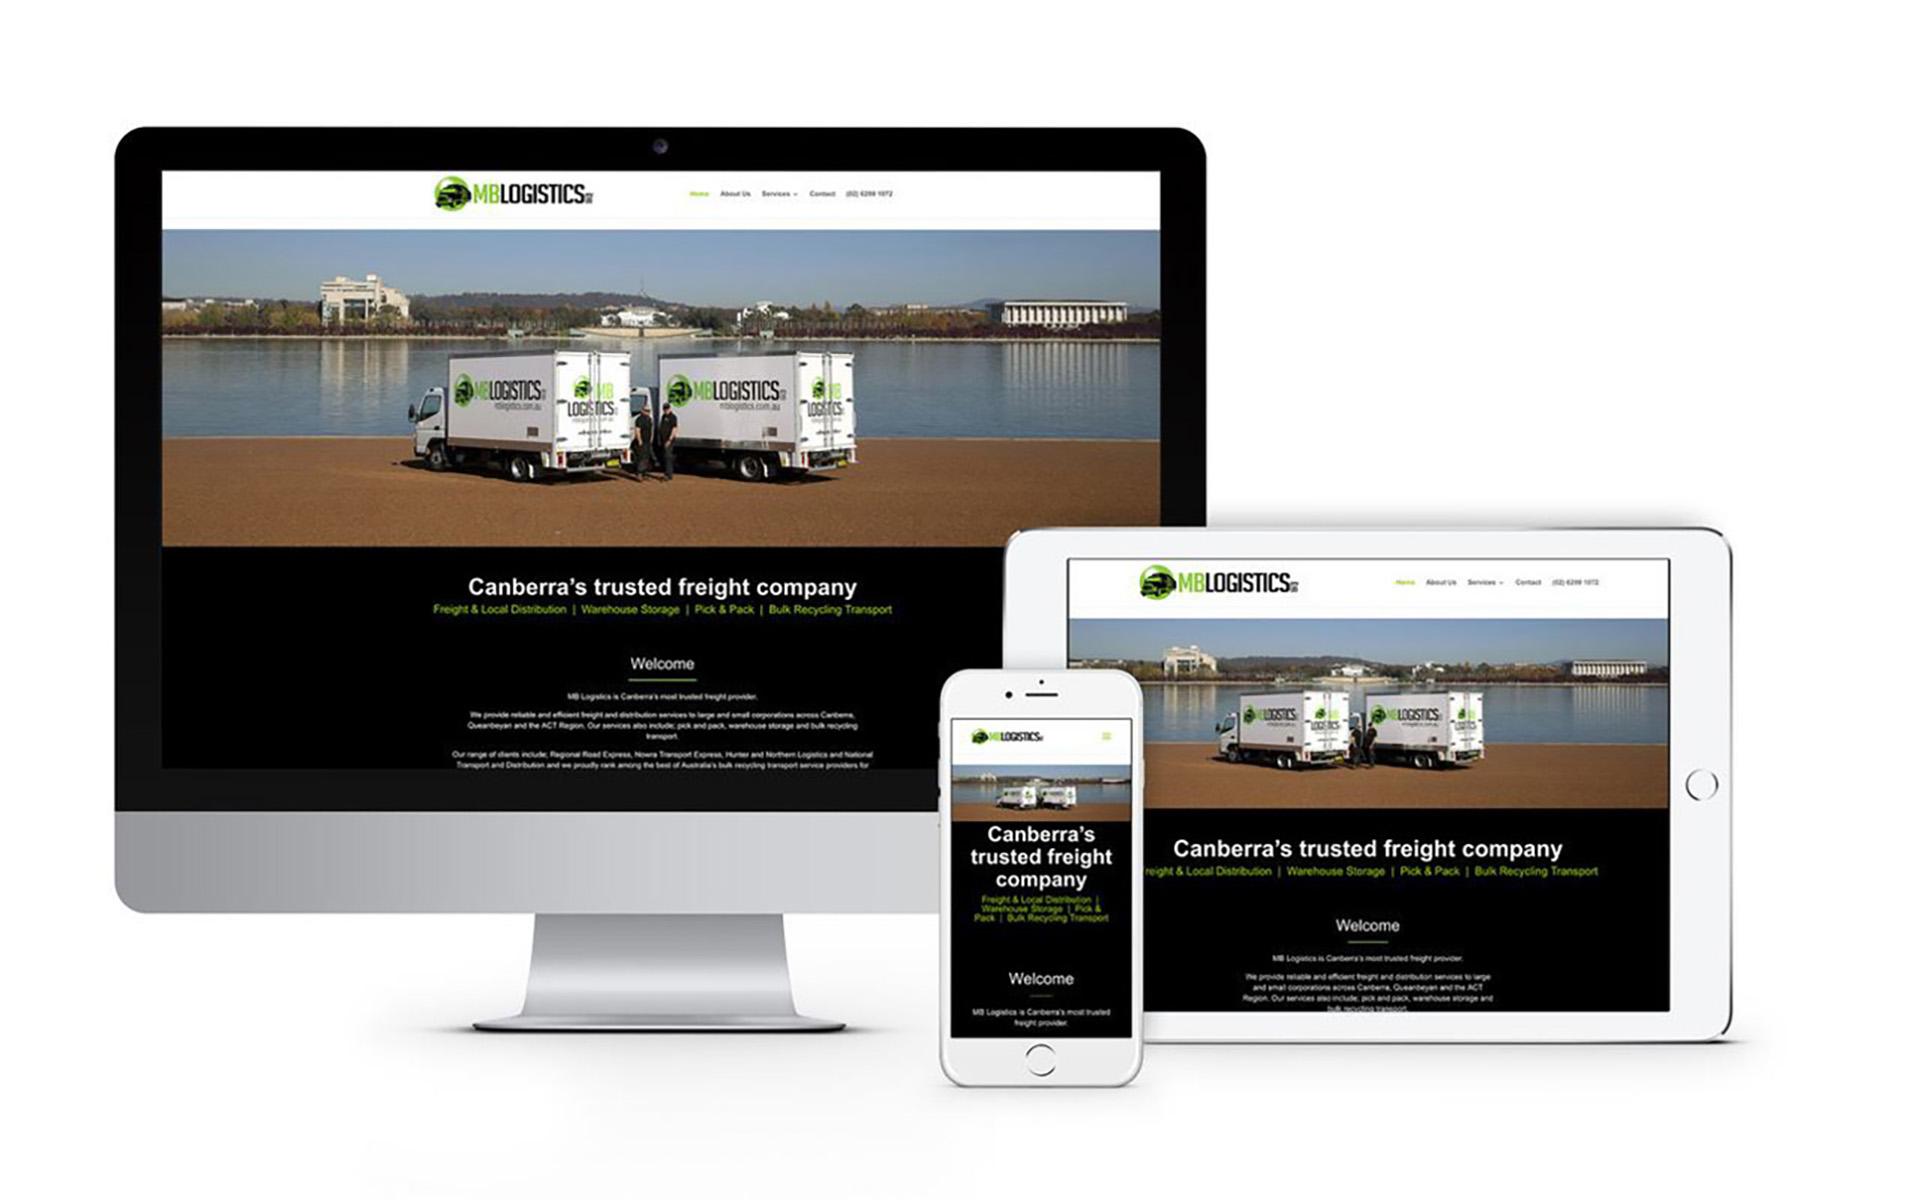 MB Logistics Canberra Website Designer 2020